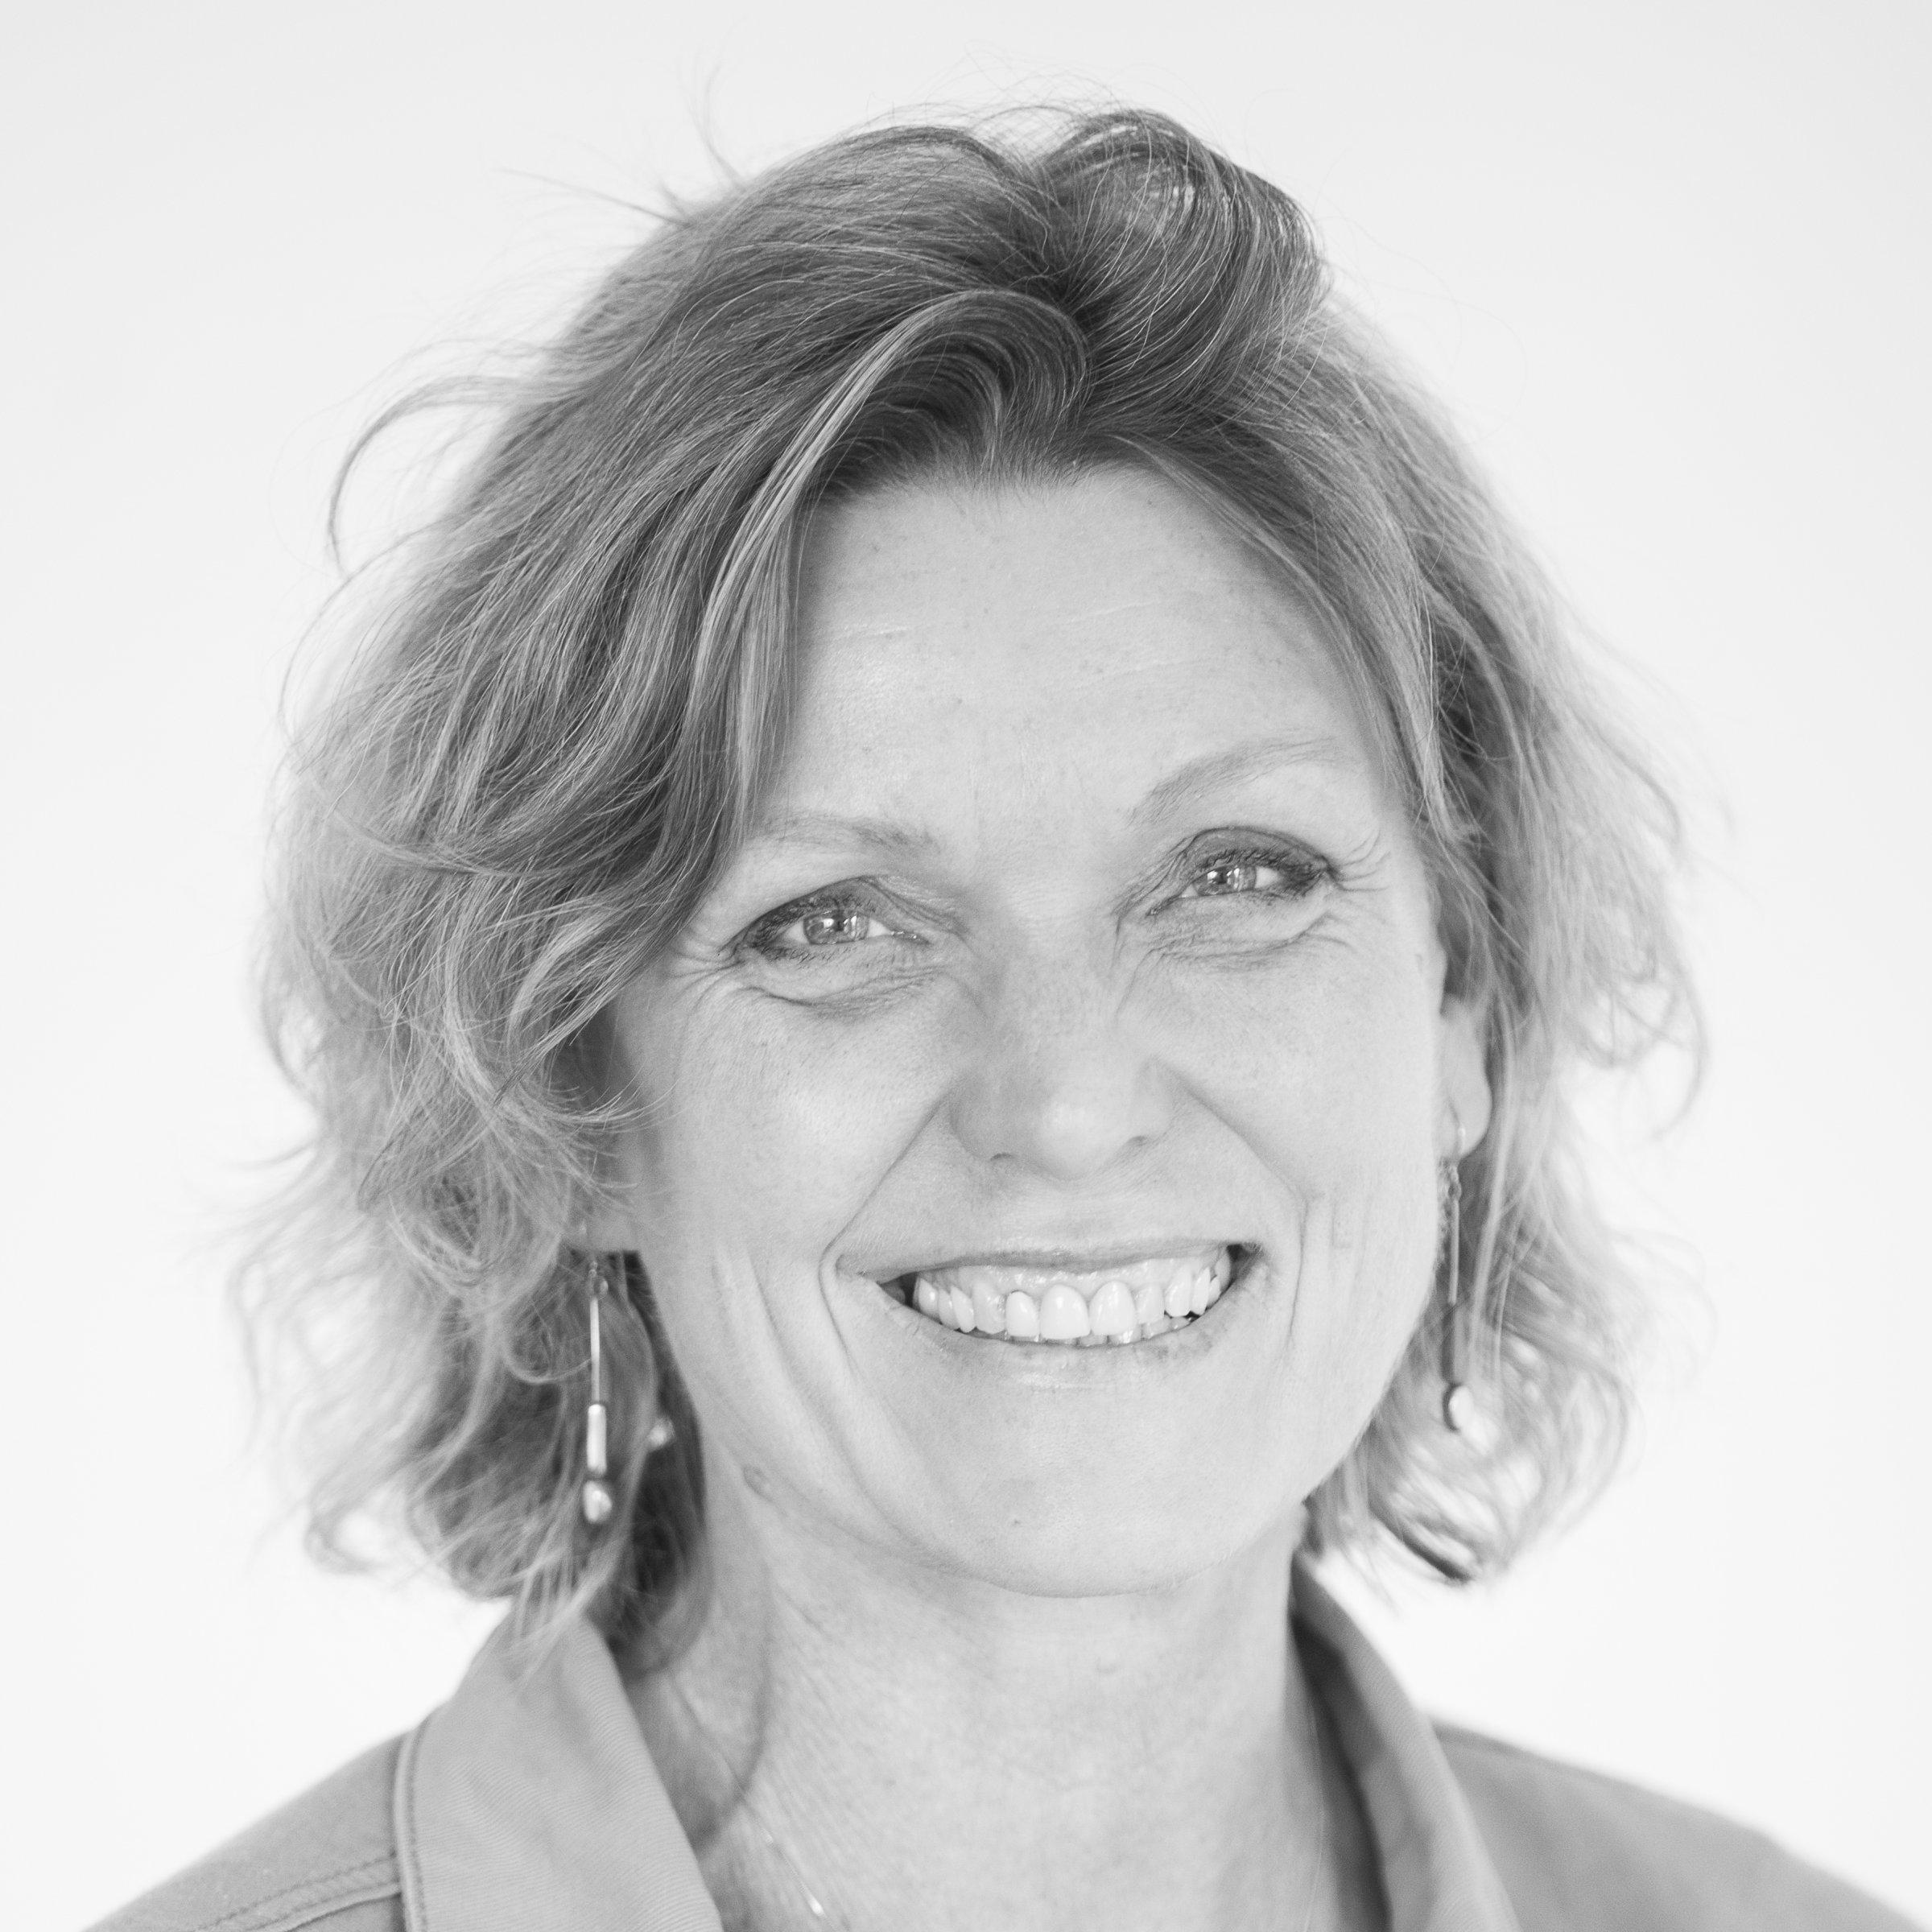 schwarz-weiss Foto von Kerstin Zilm, lächelnde Frau, von vorne